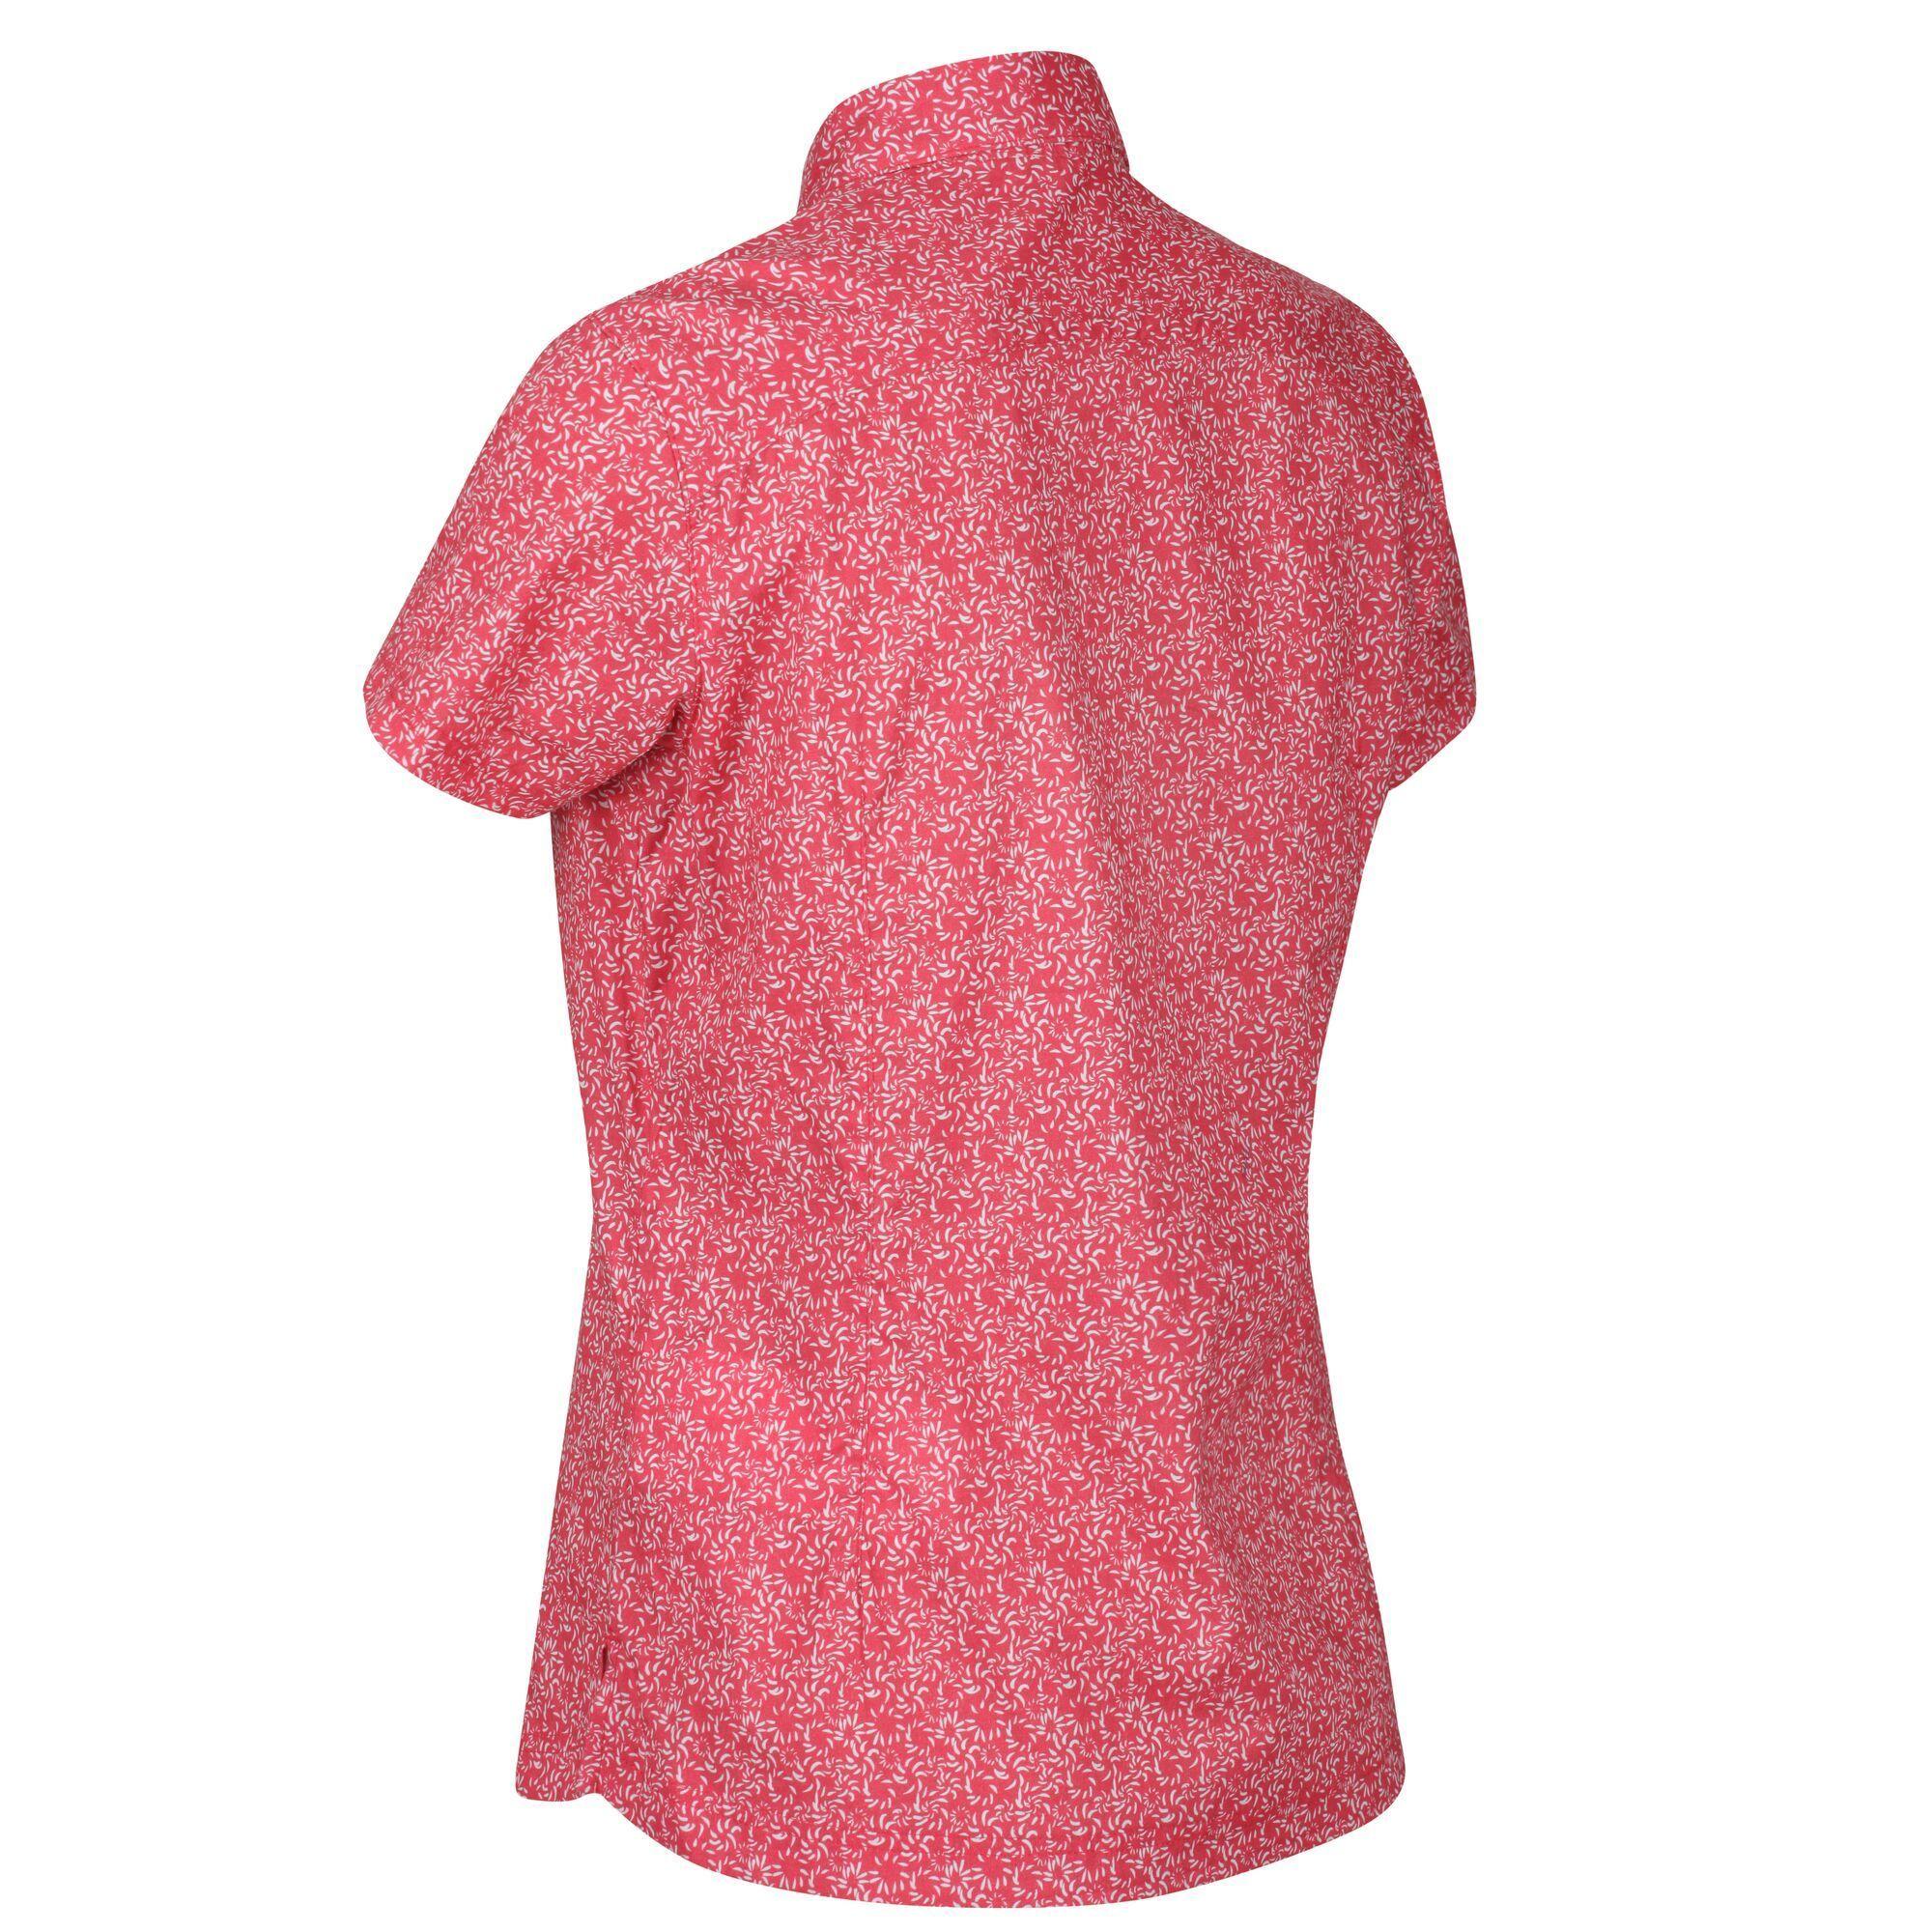 Regatta Womens/Ladies Honshu IV Printed Short Sleeved Shirt